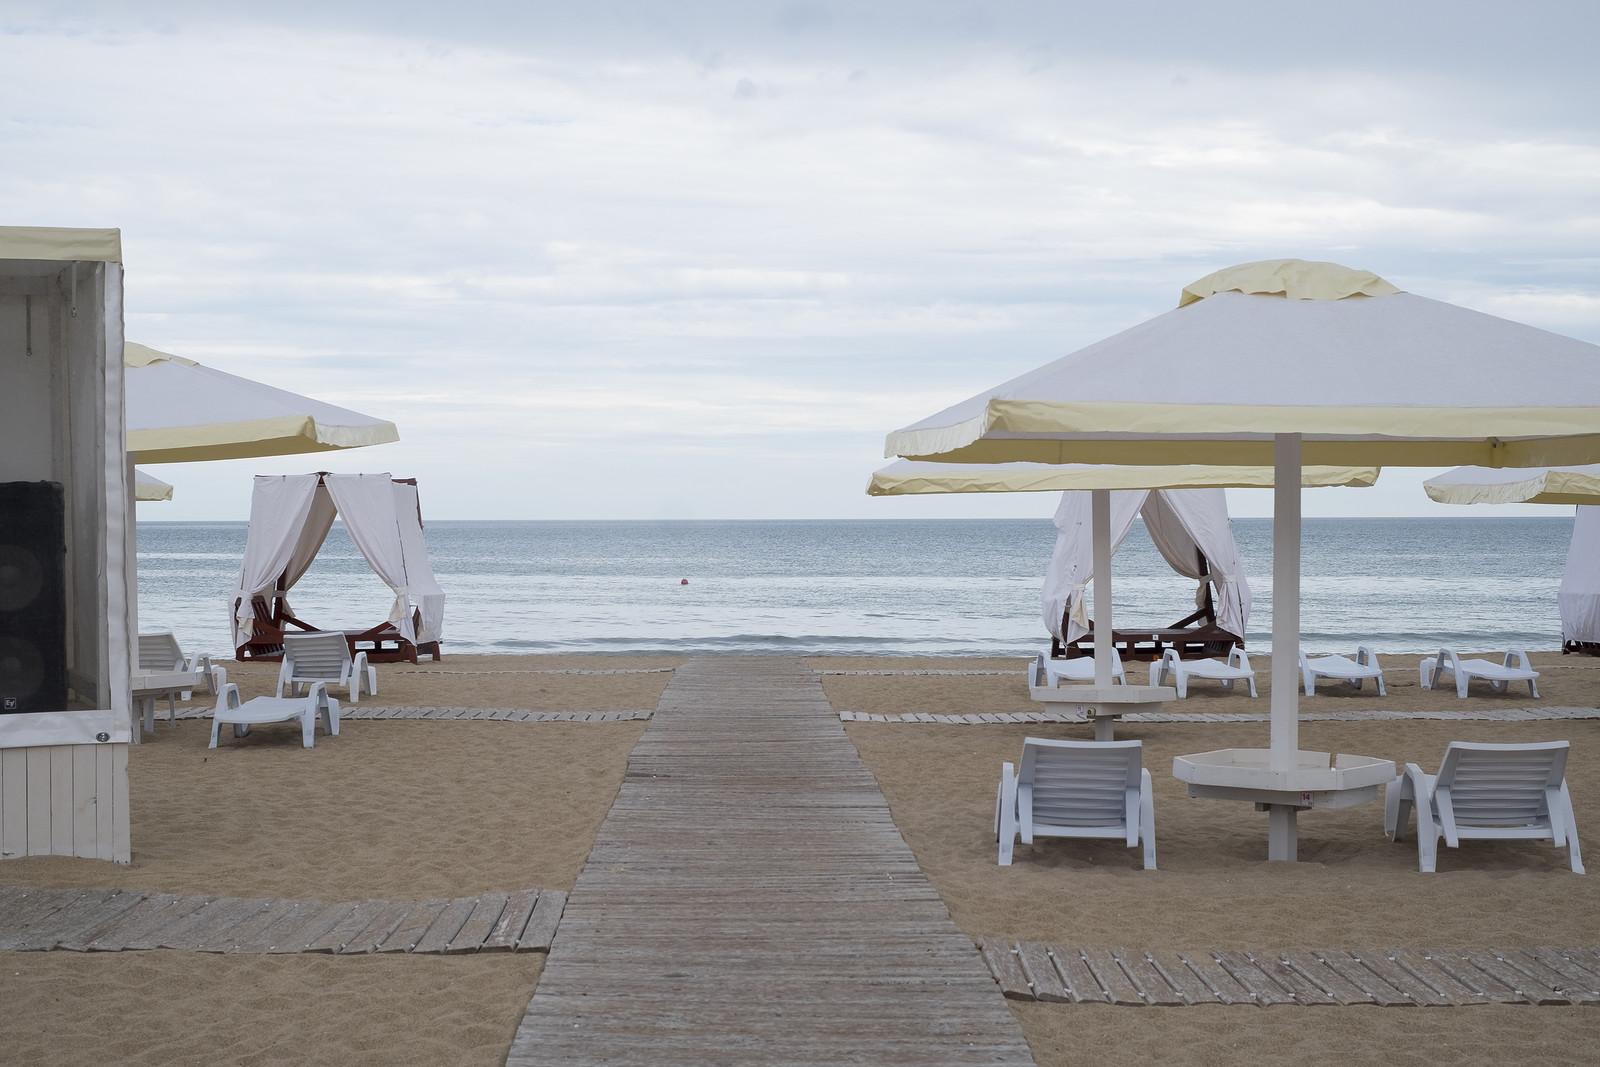 пляж003.jpg